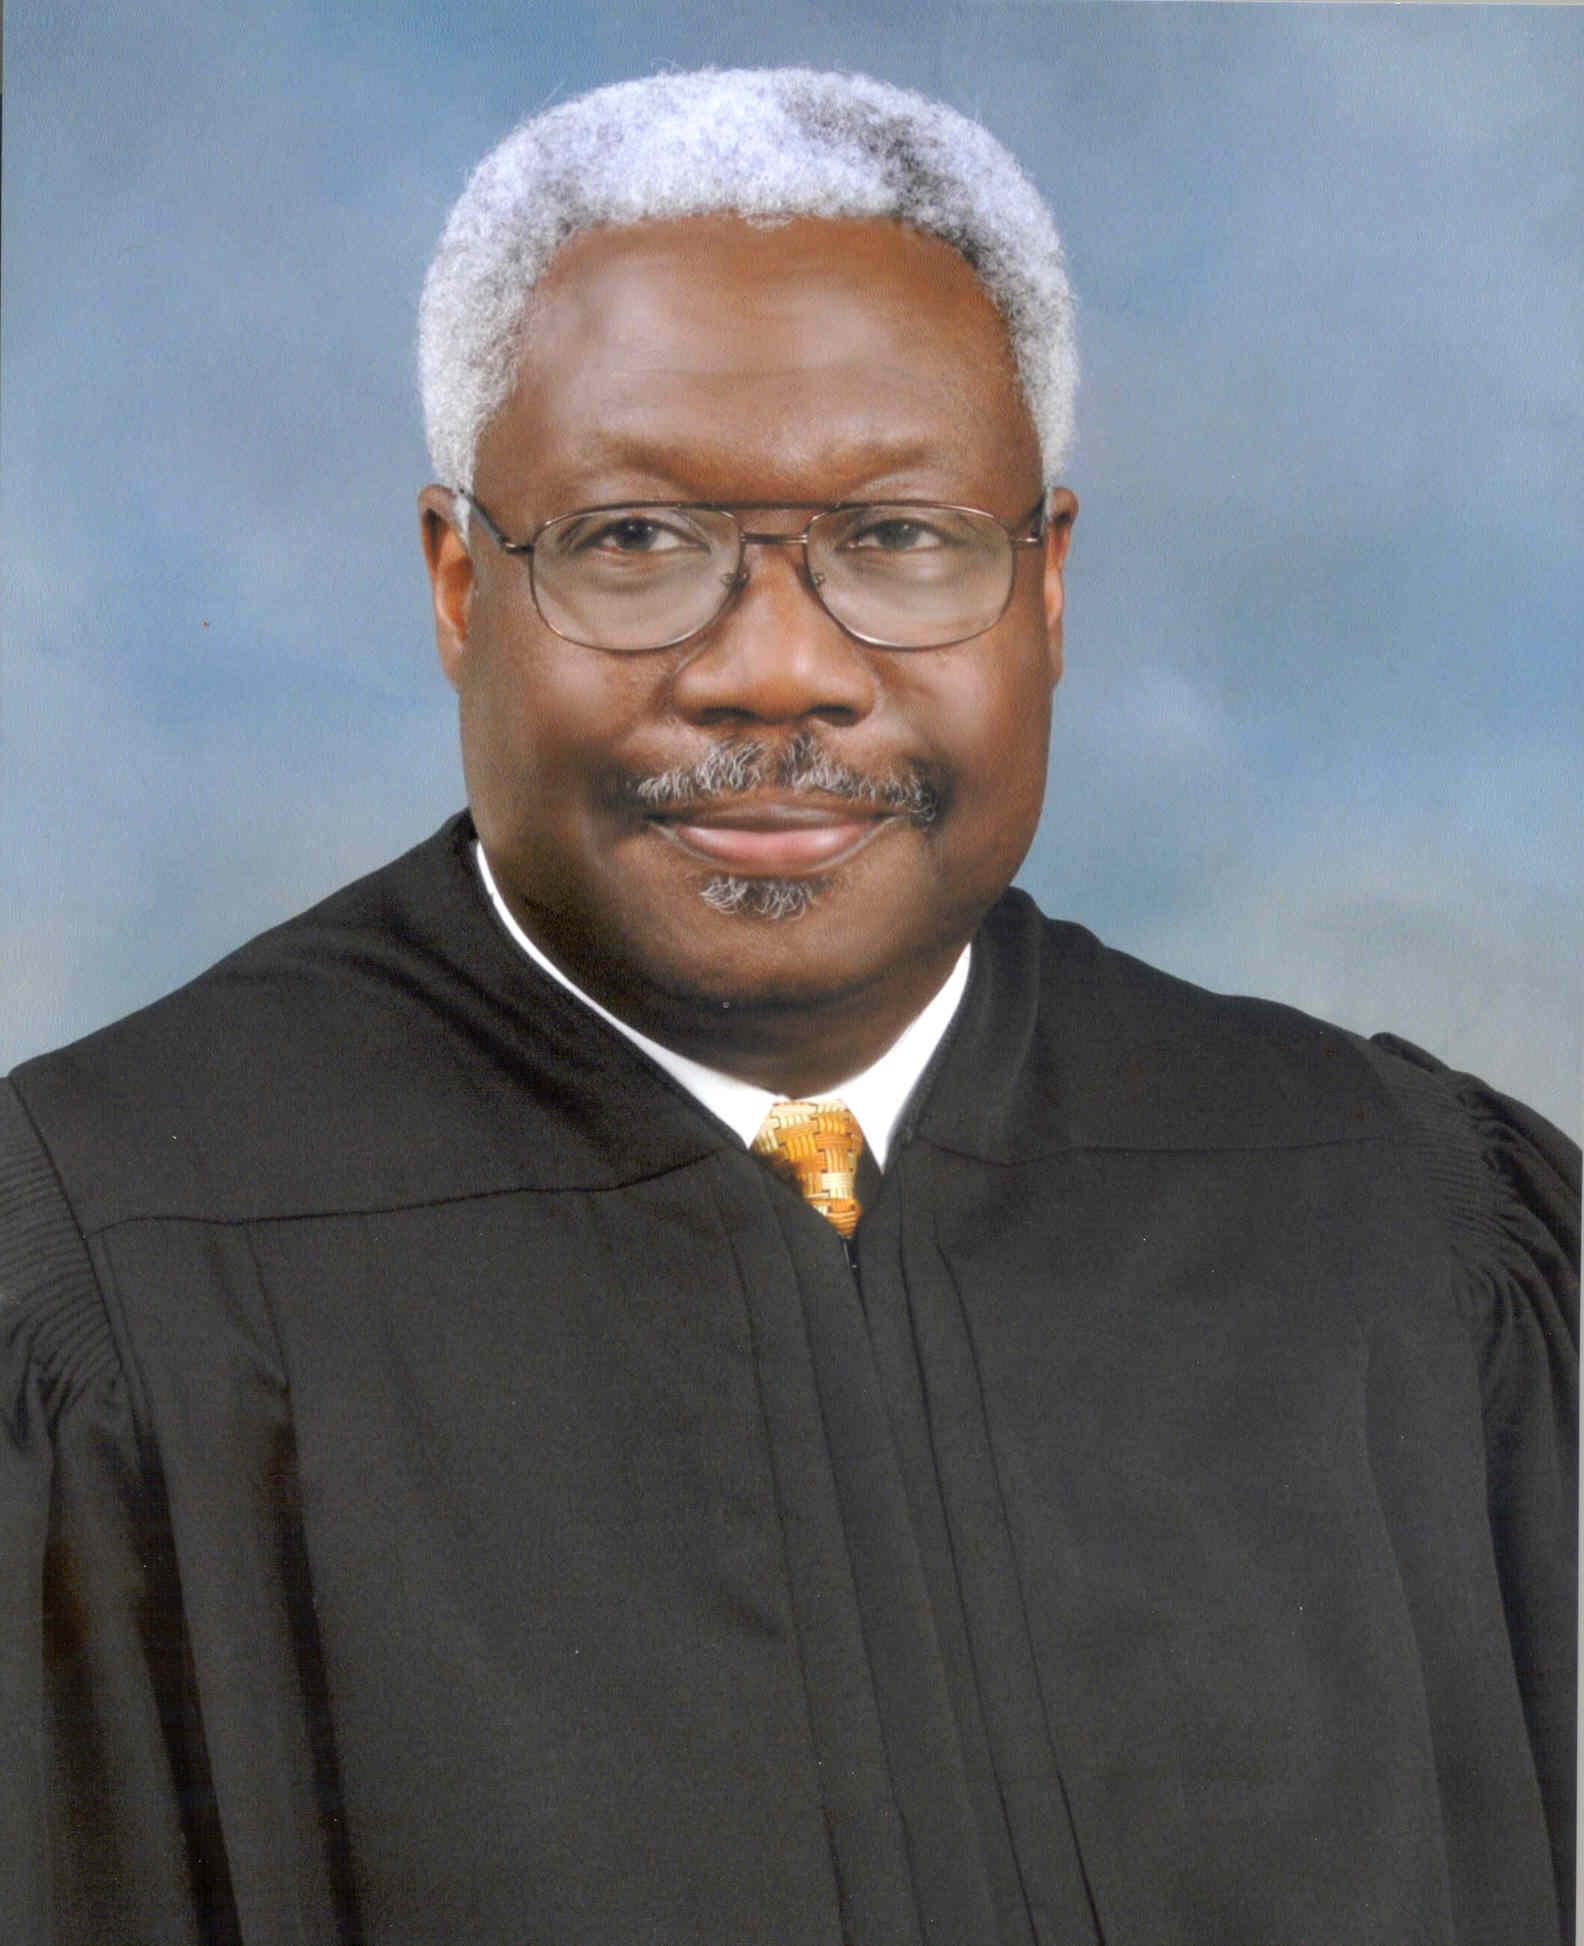 Judge Stewart